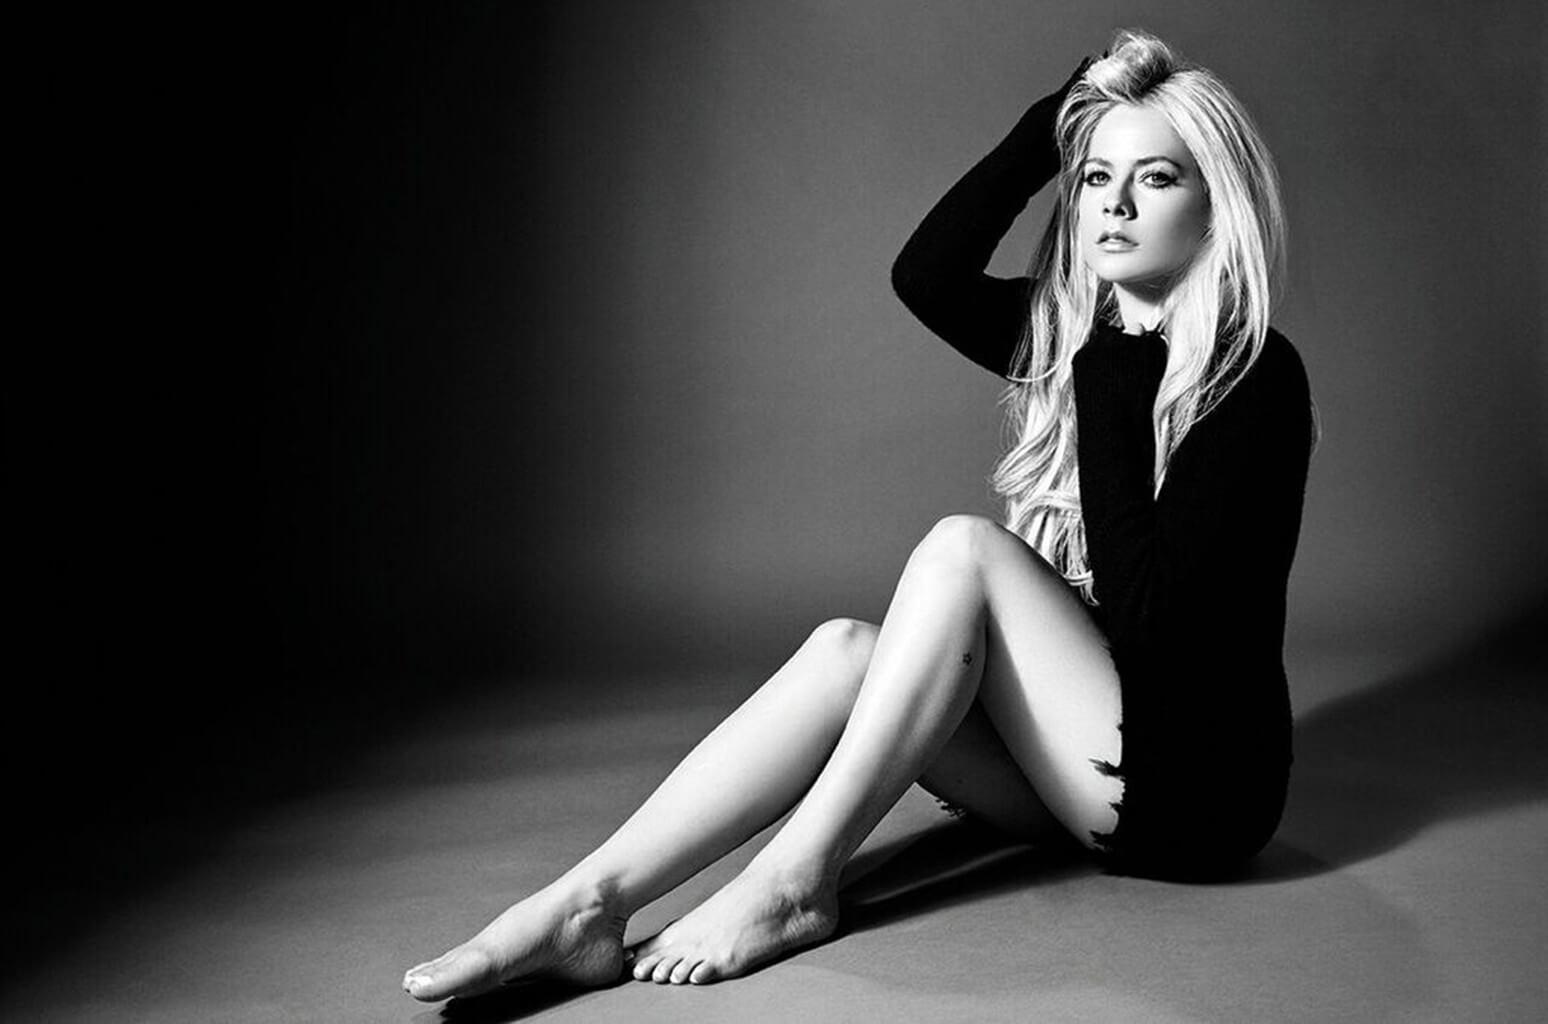 Avril Lavigneのアルバム売上ランキングトップ5とおすすめ全アルバムまとめ